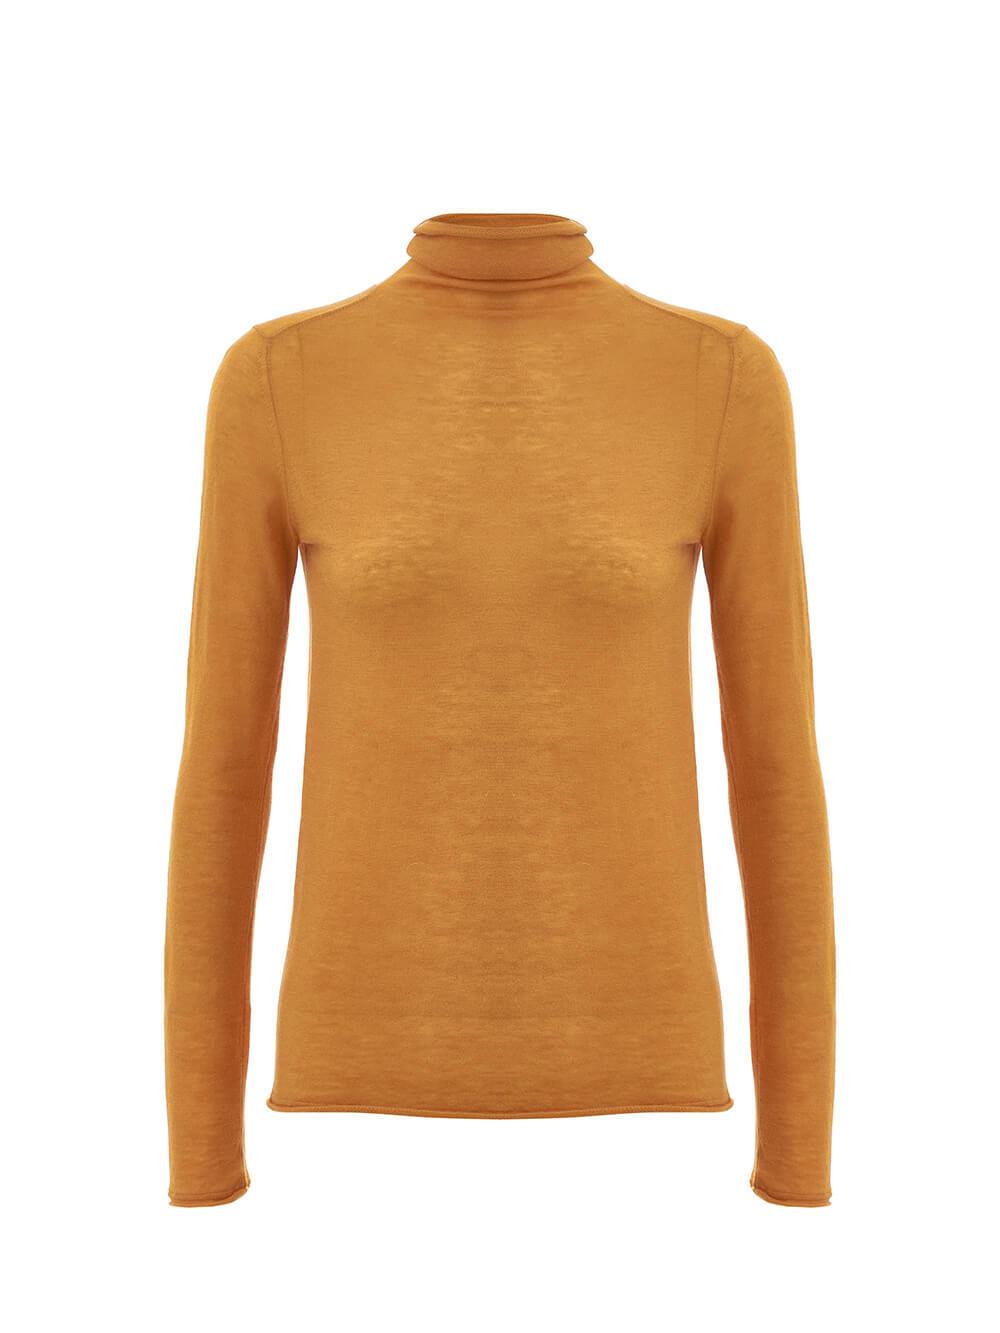 Женский свитер песочного цвета из 100% шерсти - фото 1